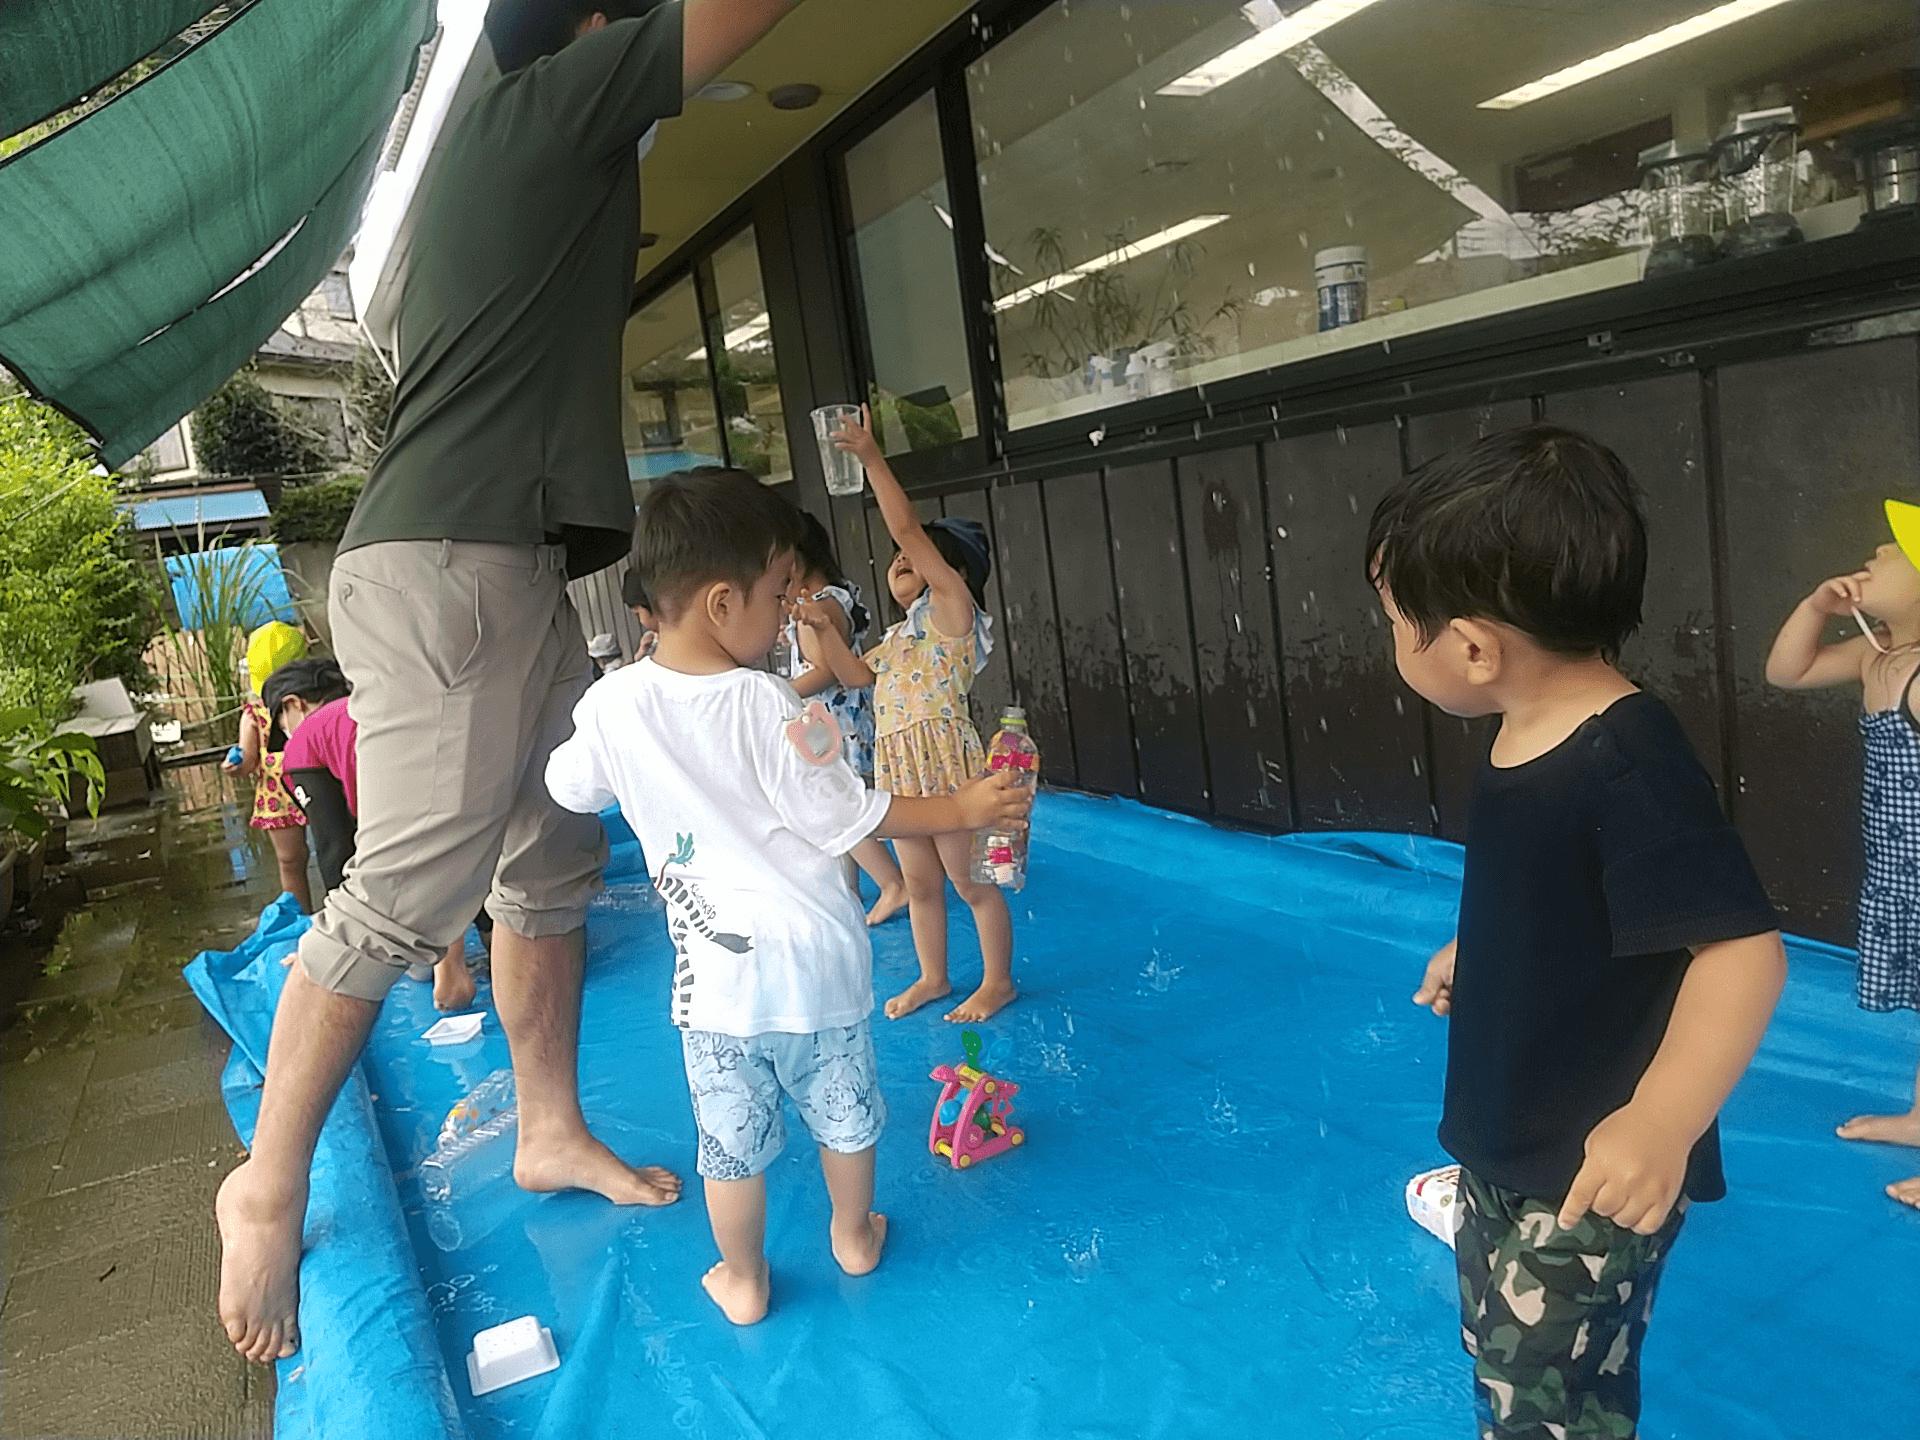 水遊びする子どもたち